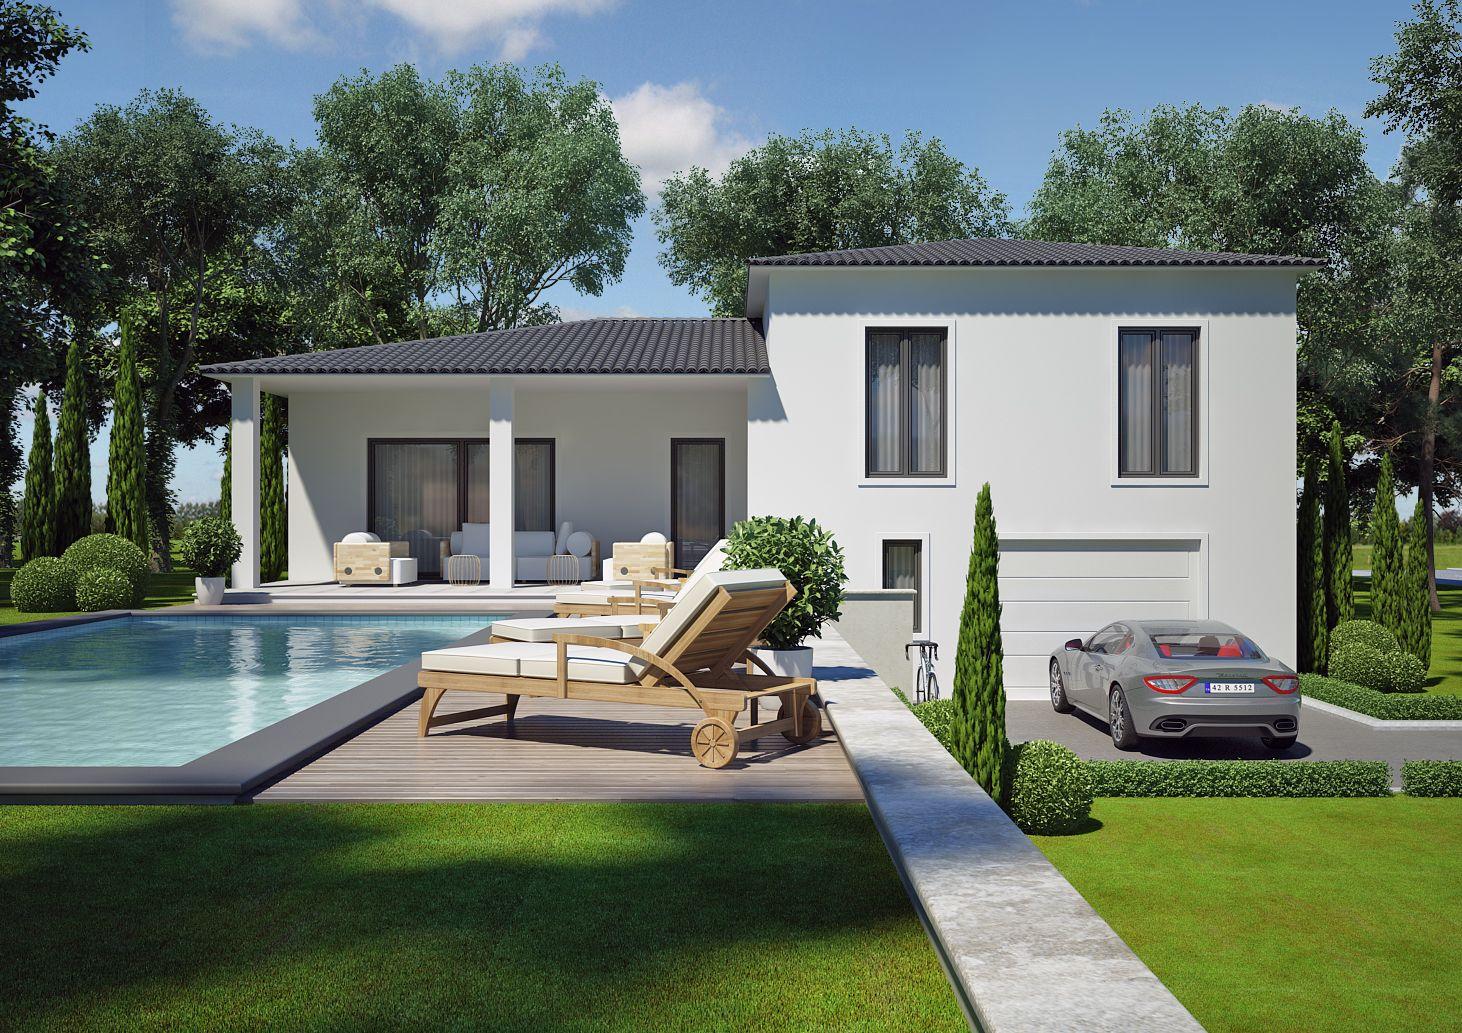 Modèle villa contemporaine 100M2 demi étage AGATE - Azur Logement ...